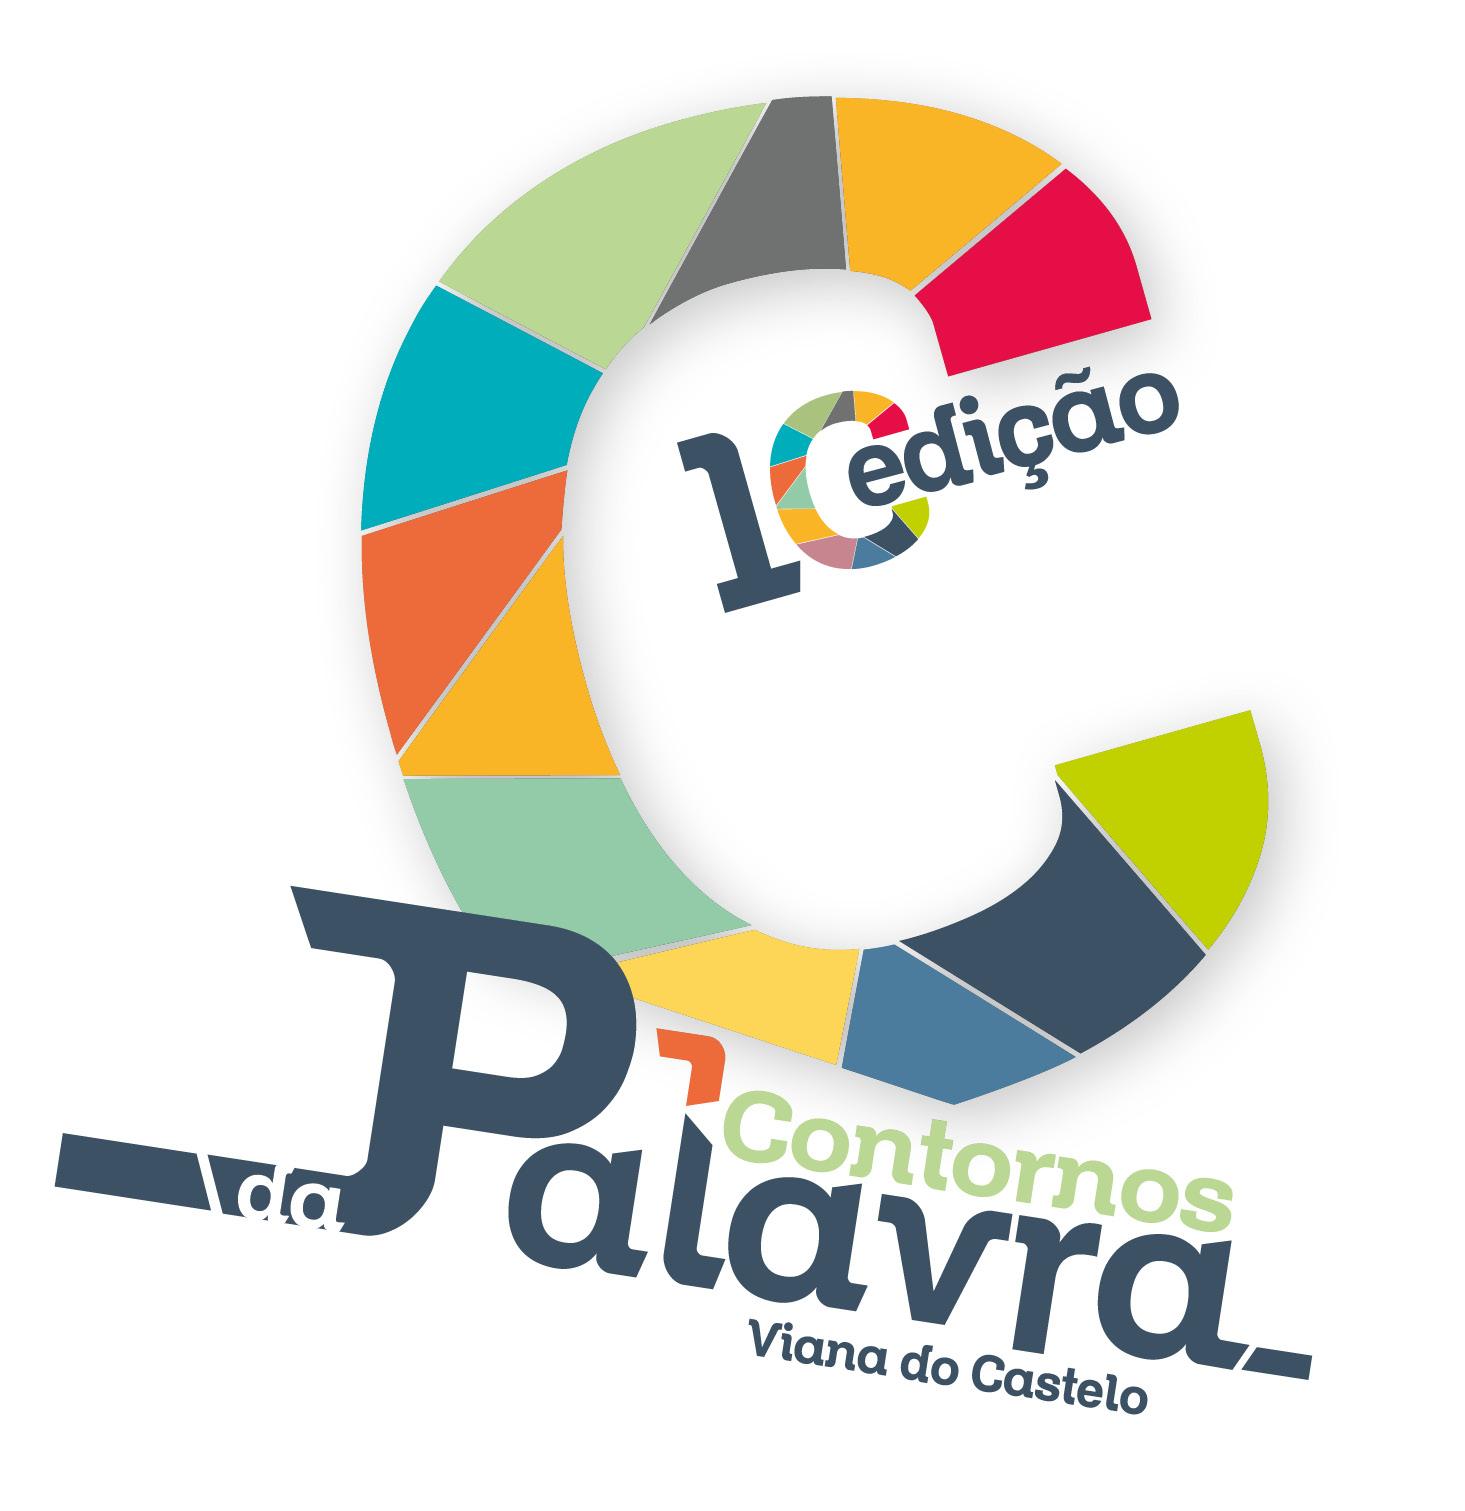 CONTORNOS DA PALAVRA